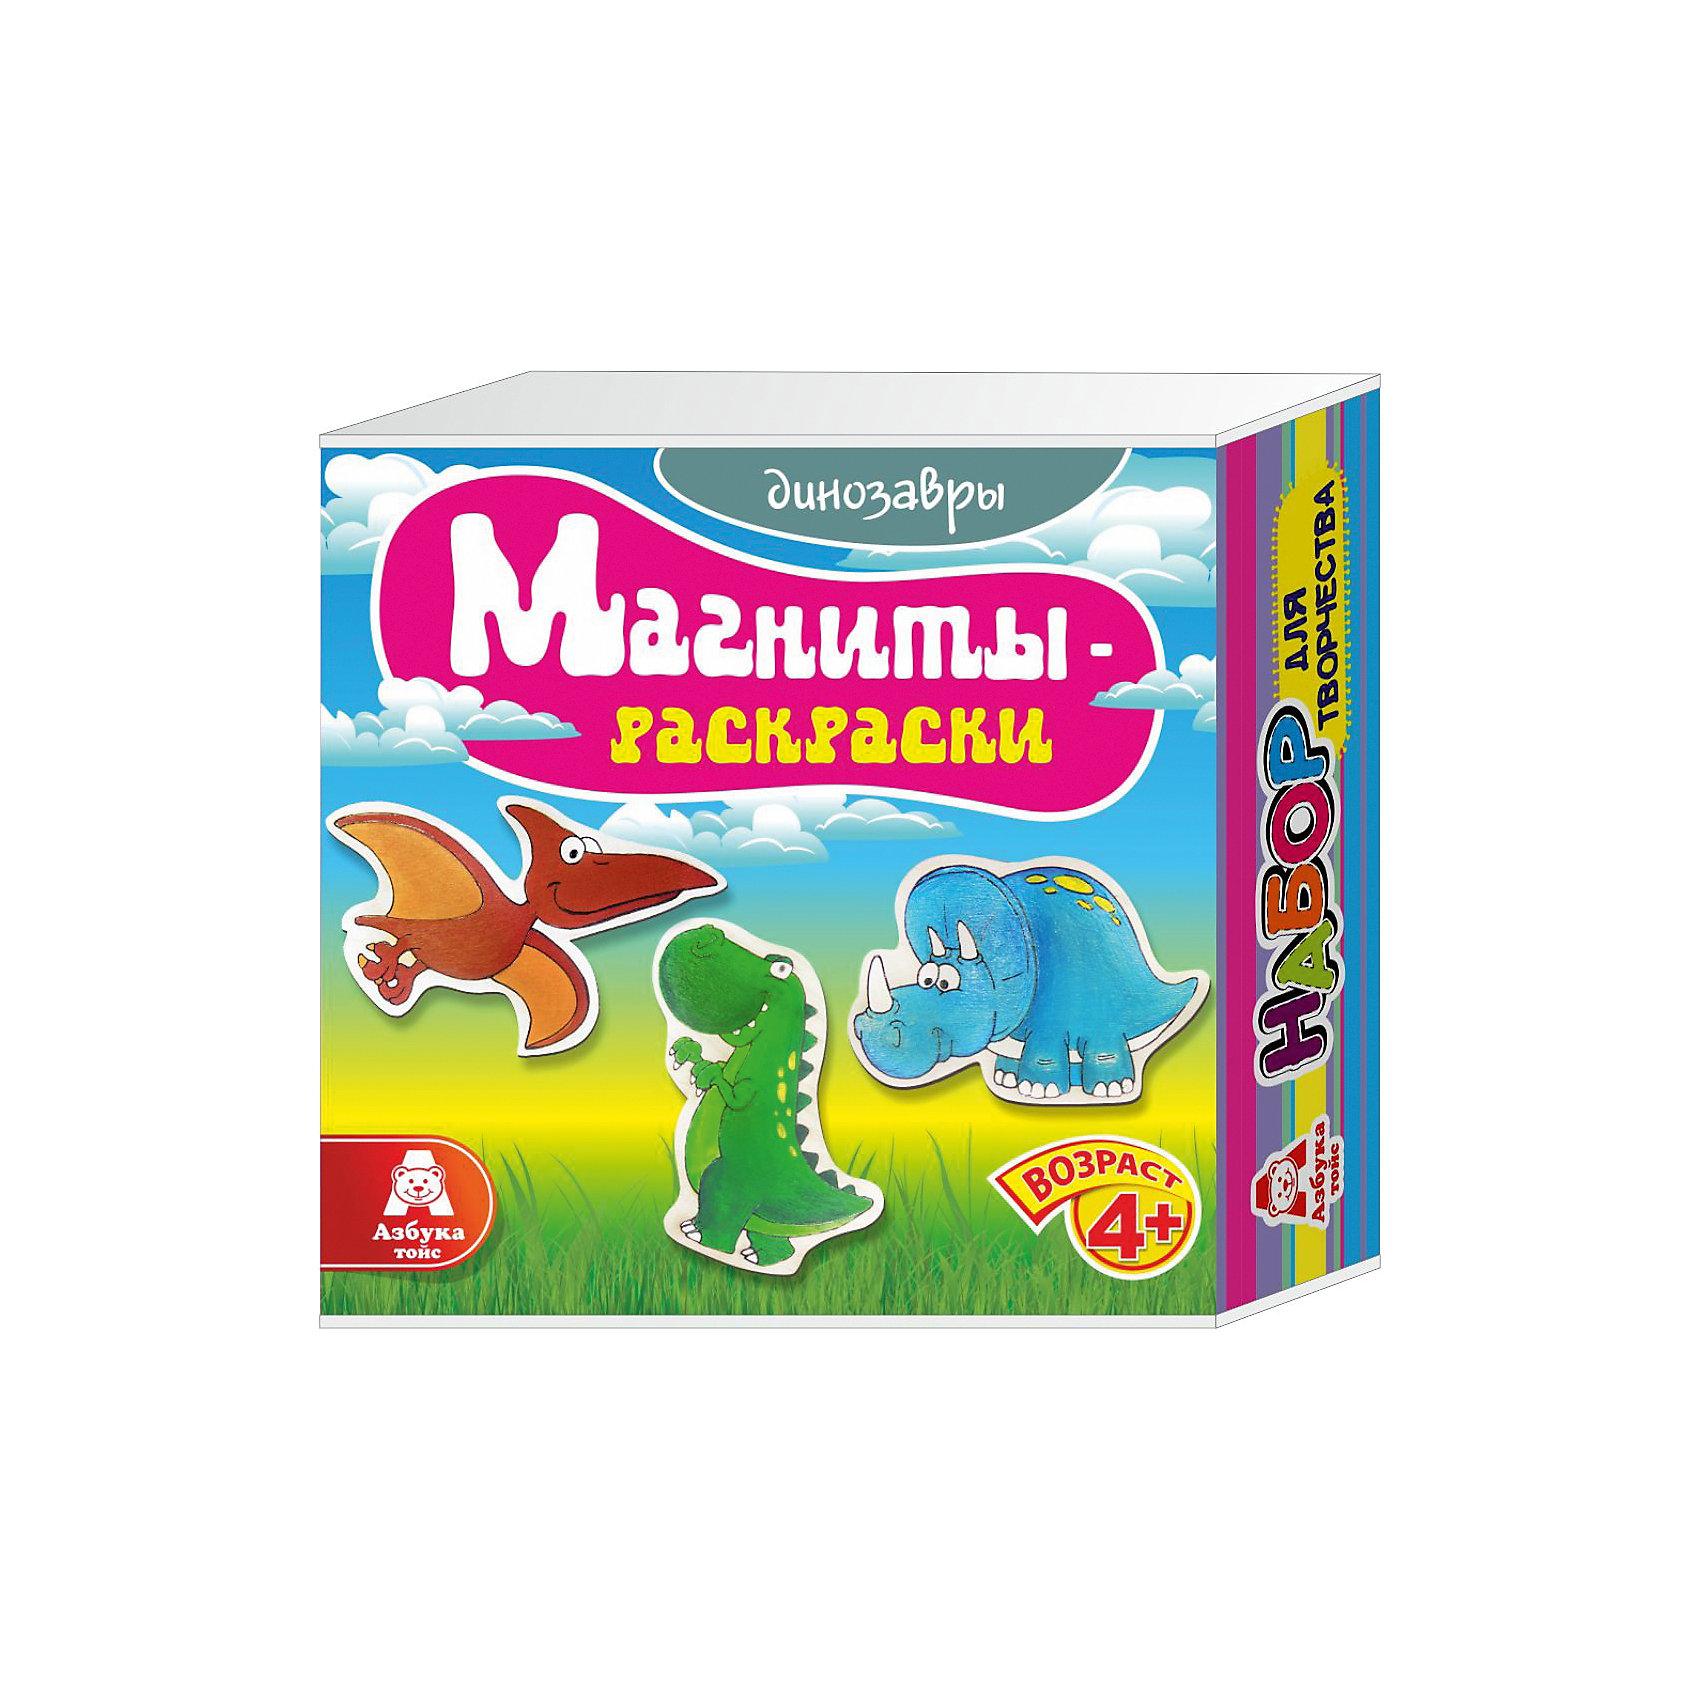 Магниты-раскраски ДинозаврыНаборы для раскрашивания<br>Магниты-раскраски Динозавры.<br><br>Характеристики:<br><br>- Для детей от 4 лет<br>- В наборе: 3 деревянных элемента с изображением, набор акриловых красок из 6 цветов, кисточка, магниты, палитра, инструкция<br>- Изготовитель: ООО Азбука Тойз<br>- Сделано в России<br>- Упаковка: картонная коробка<br>- Размер упаковки: 14х5х14 см.<br>- Вес: 174 гр.<br><br>Набор магниты-раскраски Динозавры поможет ребенку проявить свои творческие способности и познакомиться с цветами, красками и оттенками. В наборе имеются 3 фигурки из натурального дерева в виде забавных динозавров, которые нужно раскрасить красками. Фигурки можно раскрасить акриловыми красками, входящими в набор, а так же пальчиковыми красками, карандашами, пластилином или восковыми мелками. Фигурки будут хорошо держаться на холодильнике или любой другой металлической поверхности благодаря надежным магнитам. С набором для творчества магниты-раскраски Динозавры ваш ребенок разовьет воображение, художественные навыки и цветовосприятие.<br><br>Магниты-раскраски Динозавры можно купить в нашем интернет-магазине.<br><br>Ширина мм: 140<br>Глубина мм: 50<br>Высота мм: 140<br>Вес г: 174<br>Возраст от месяцев: 48<br>Возраст до месяцев: 108<br>Пол: Унисекс<br>Возраст: Детский<br>SKU: 5062912